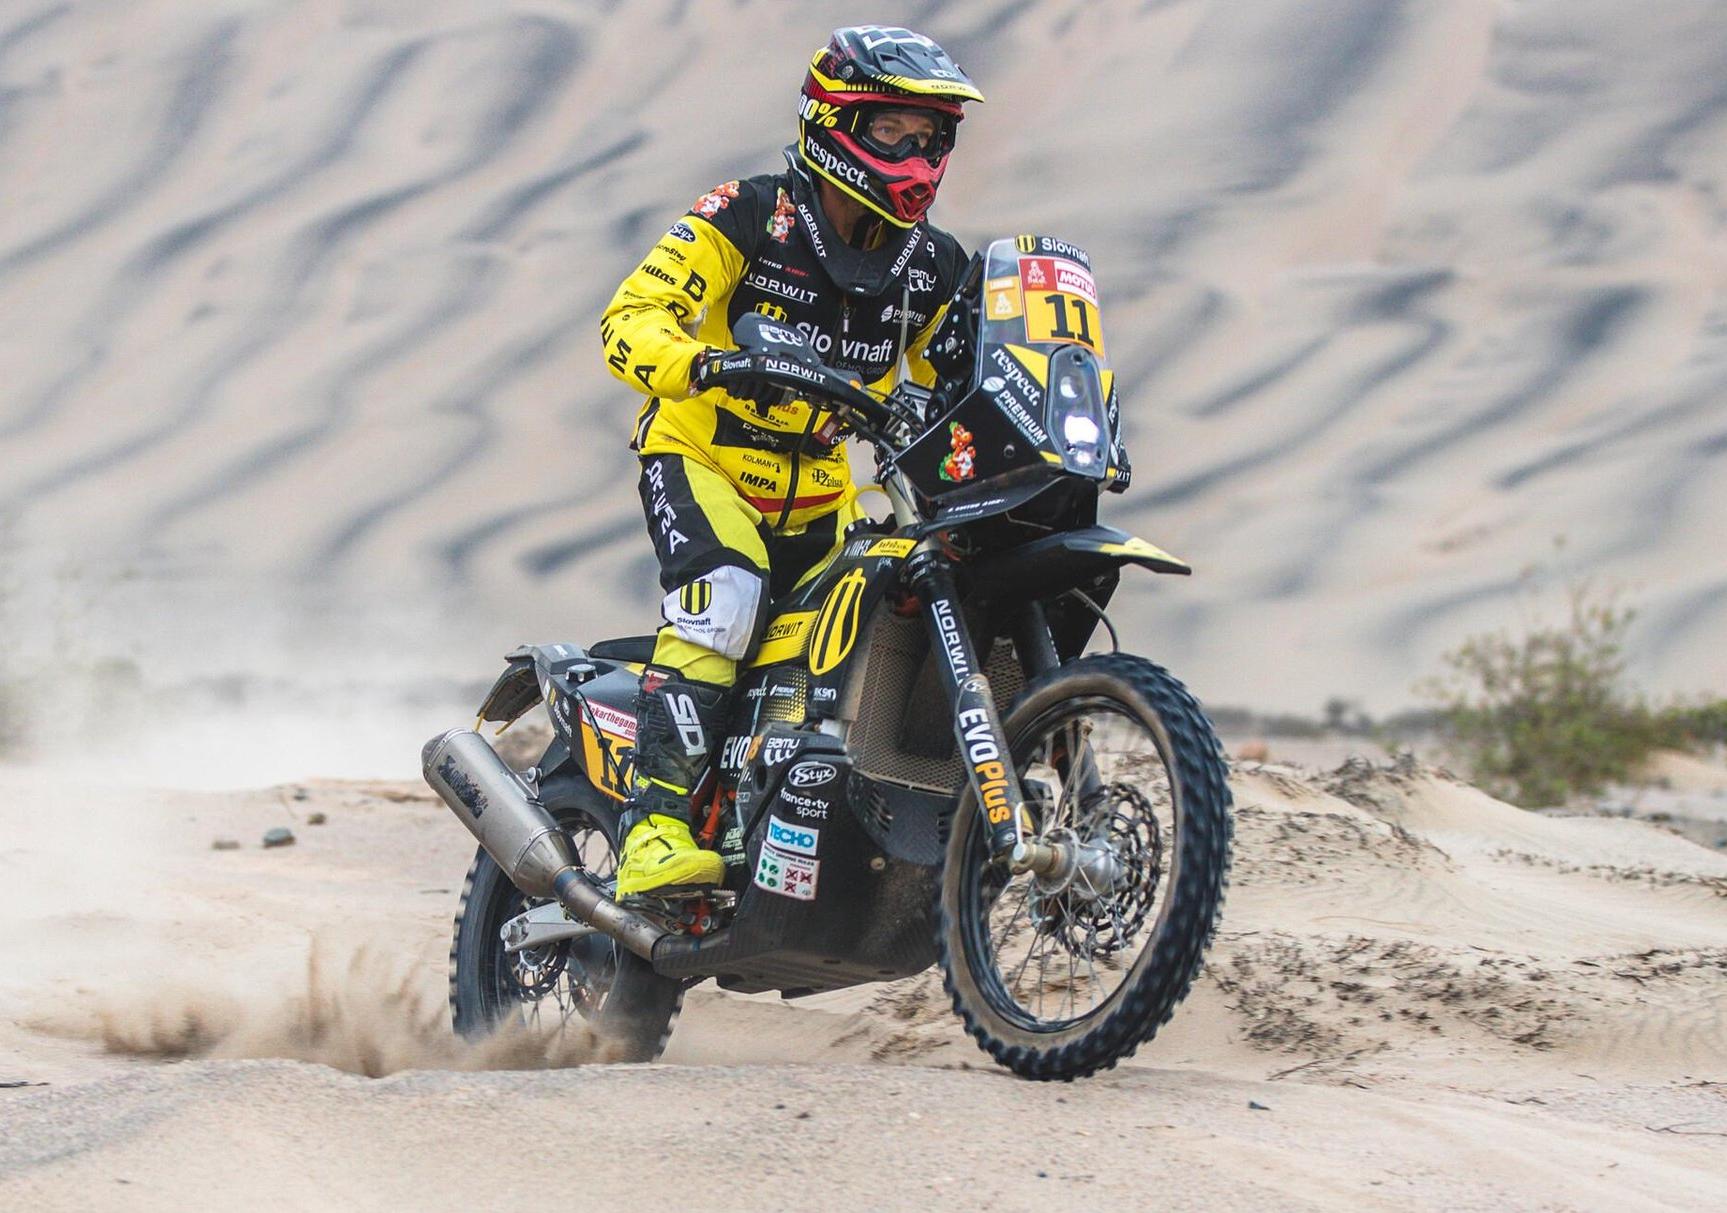 Copia-di-stefan-svitko-dakar-peru-2019-slovak-rider-1-copia